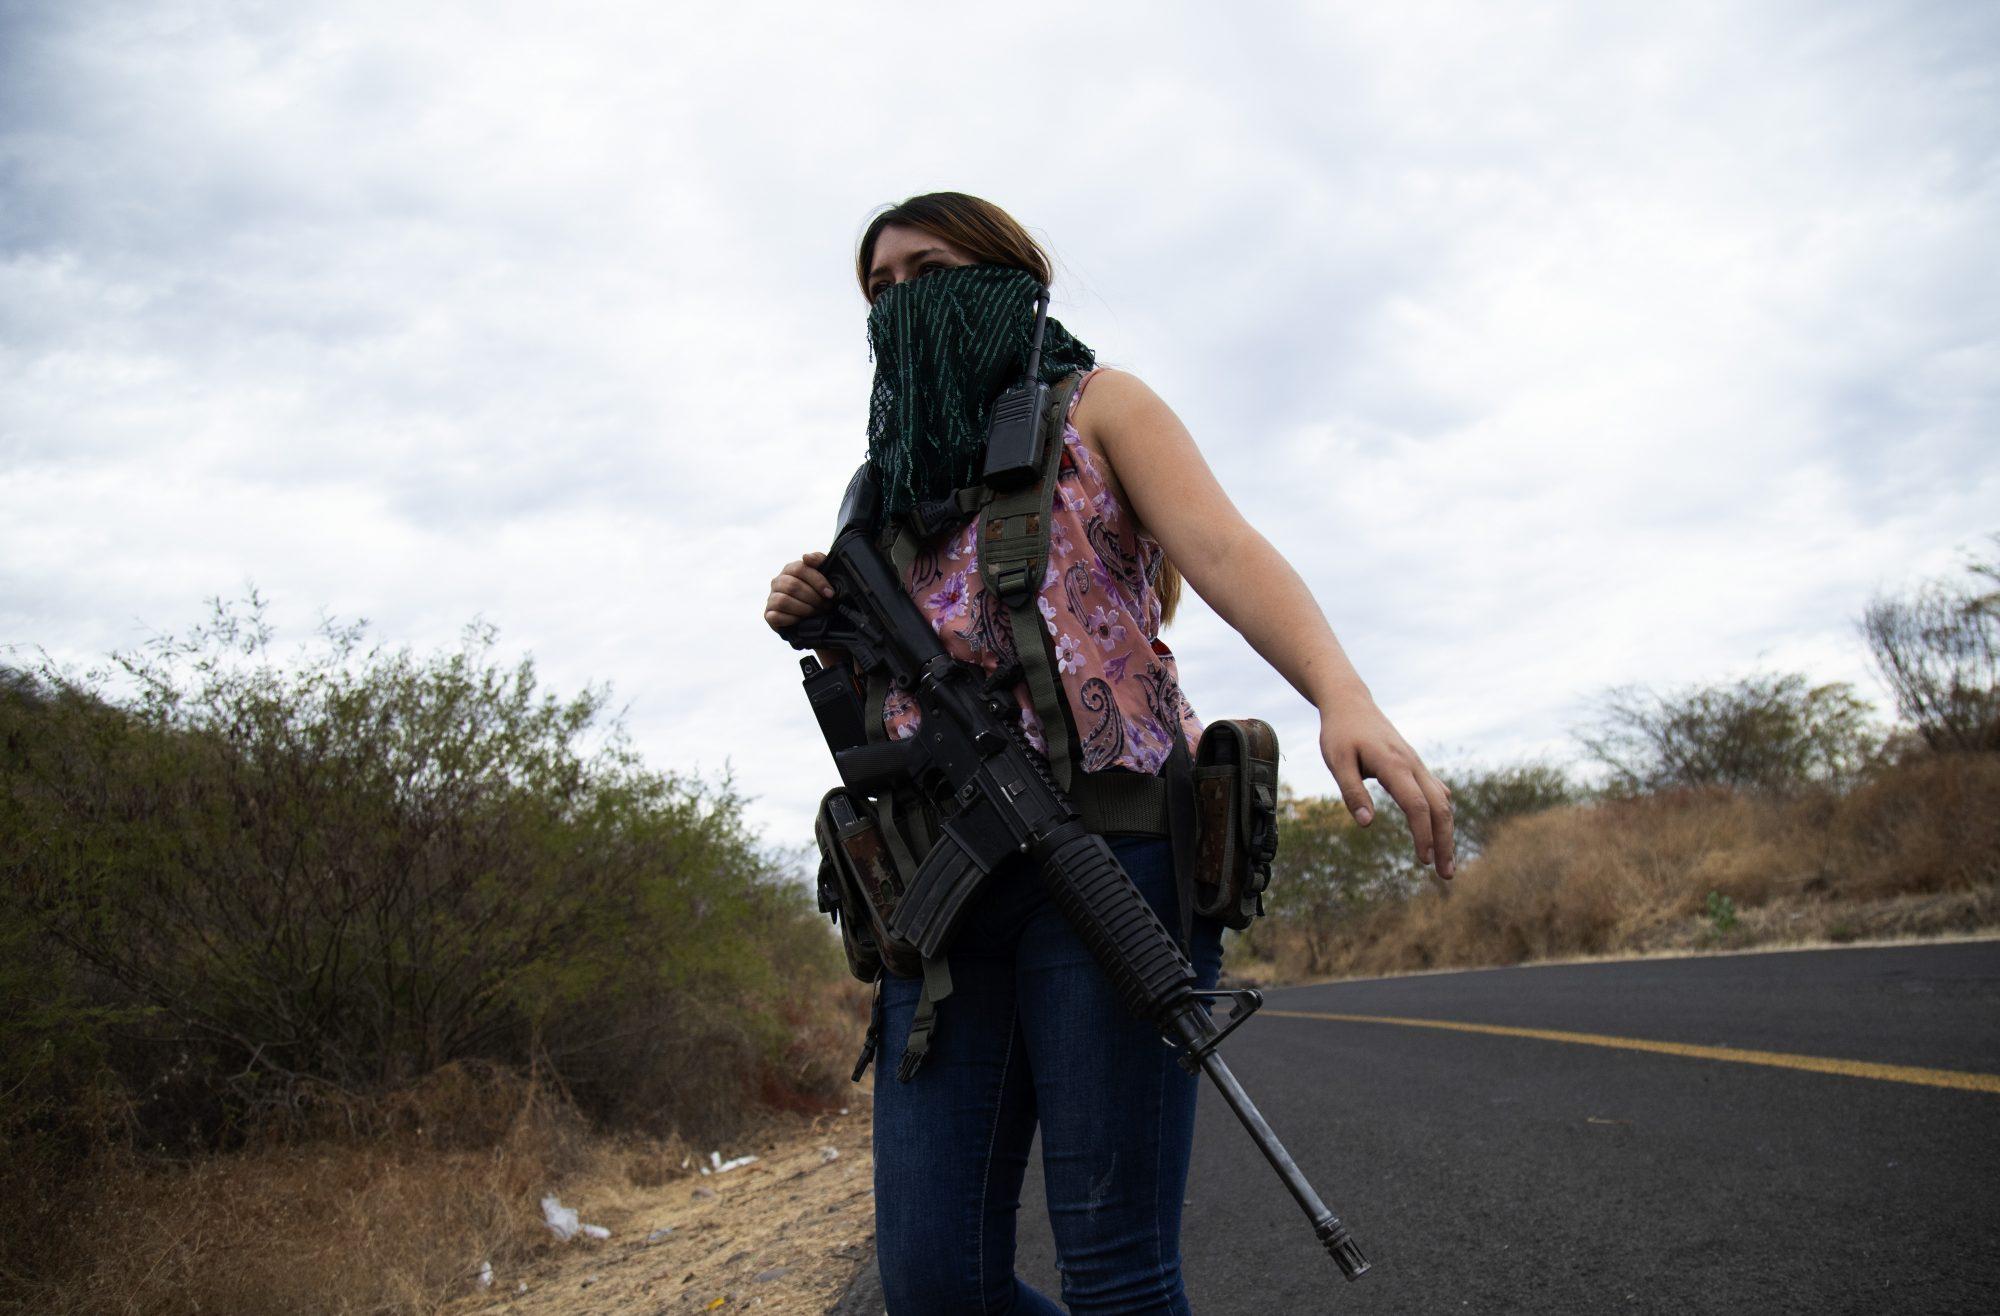 Female Vigilantes Por un Michoacan libre Female Vigilantes, El Terrero, Mexico - 13 Jan 2021